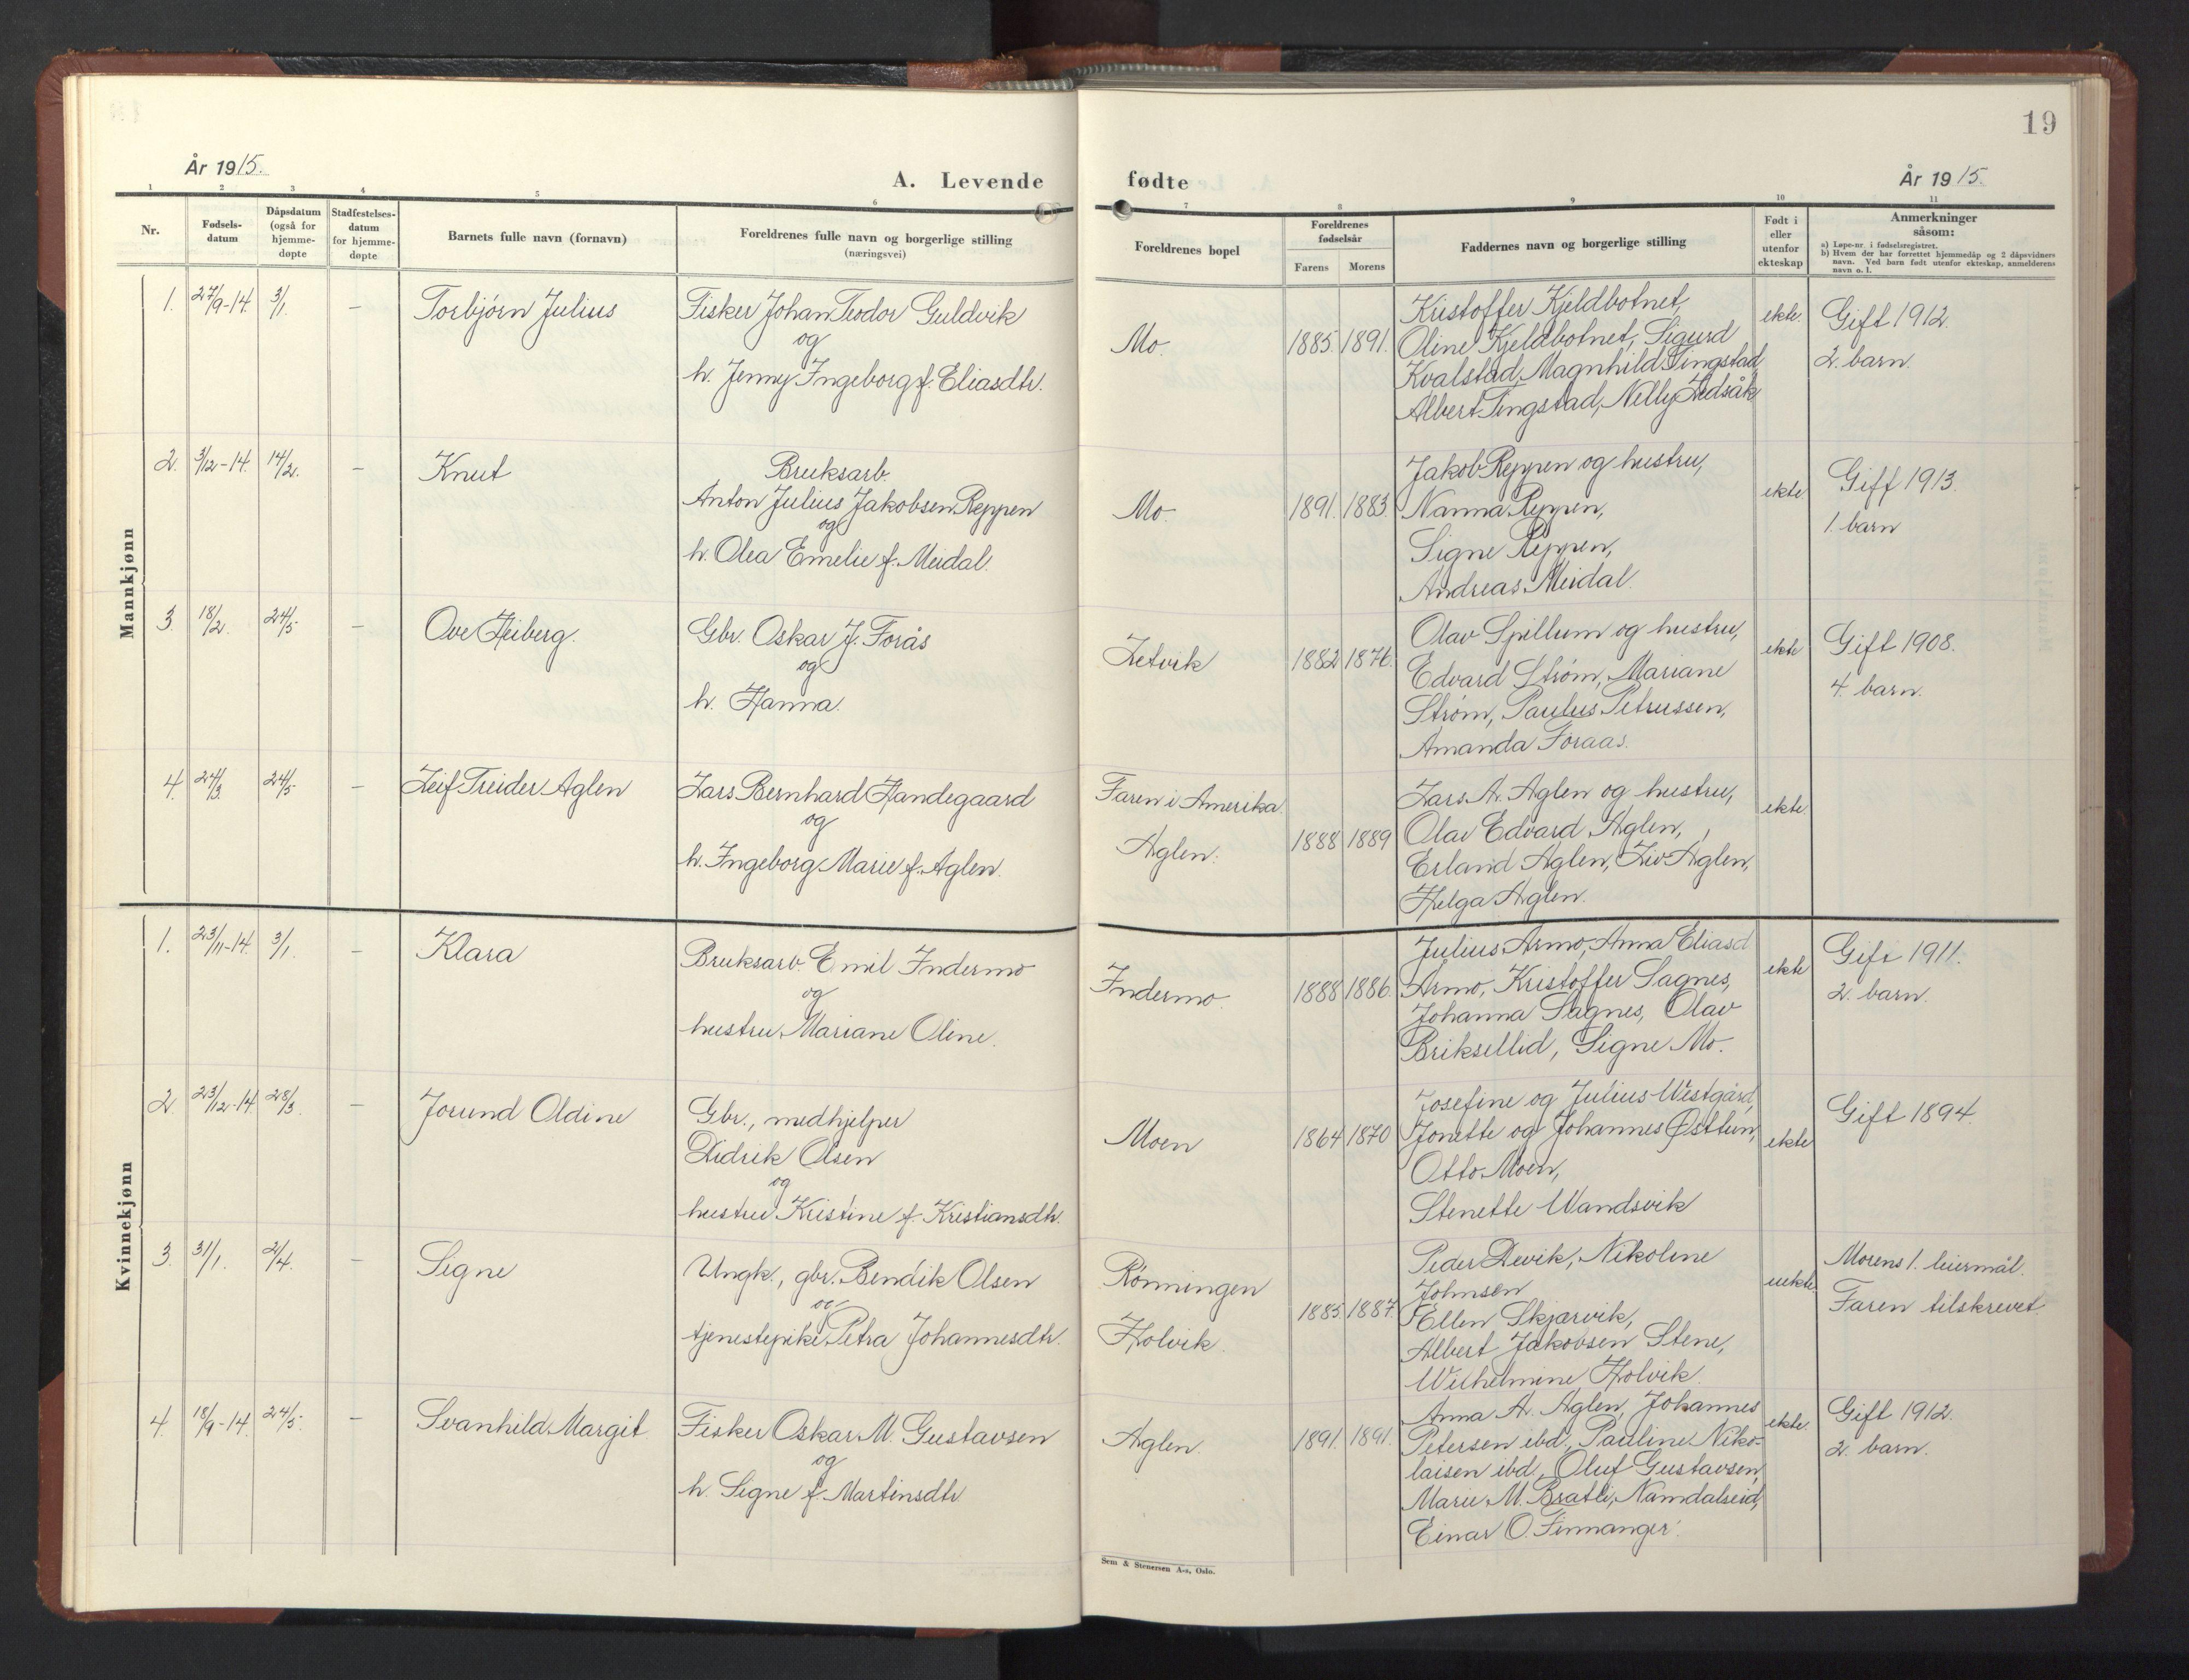 SAT, Ministerialprotokoller, klokkerbøker og fødselsregistre - Nord-Trøndelag, 773/L0625: Klokkerbok nr. 773C01, 1910-1952, s. 19